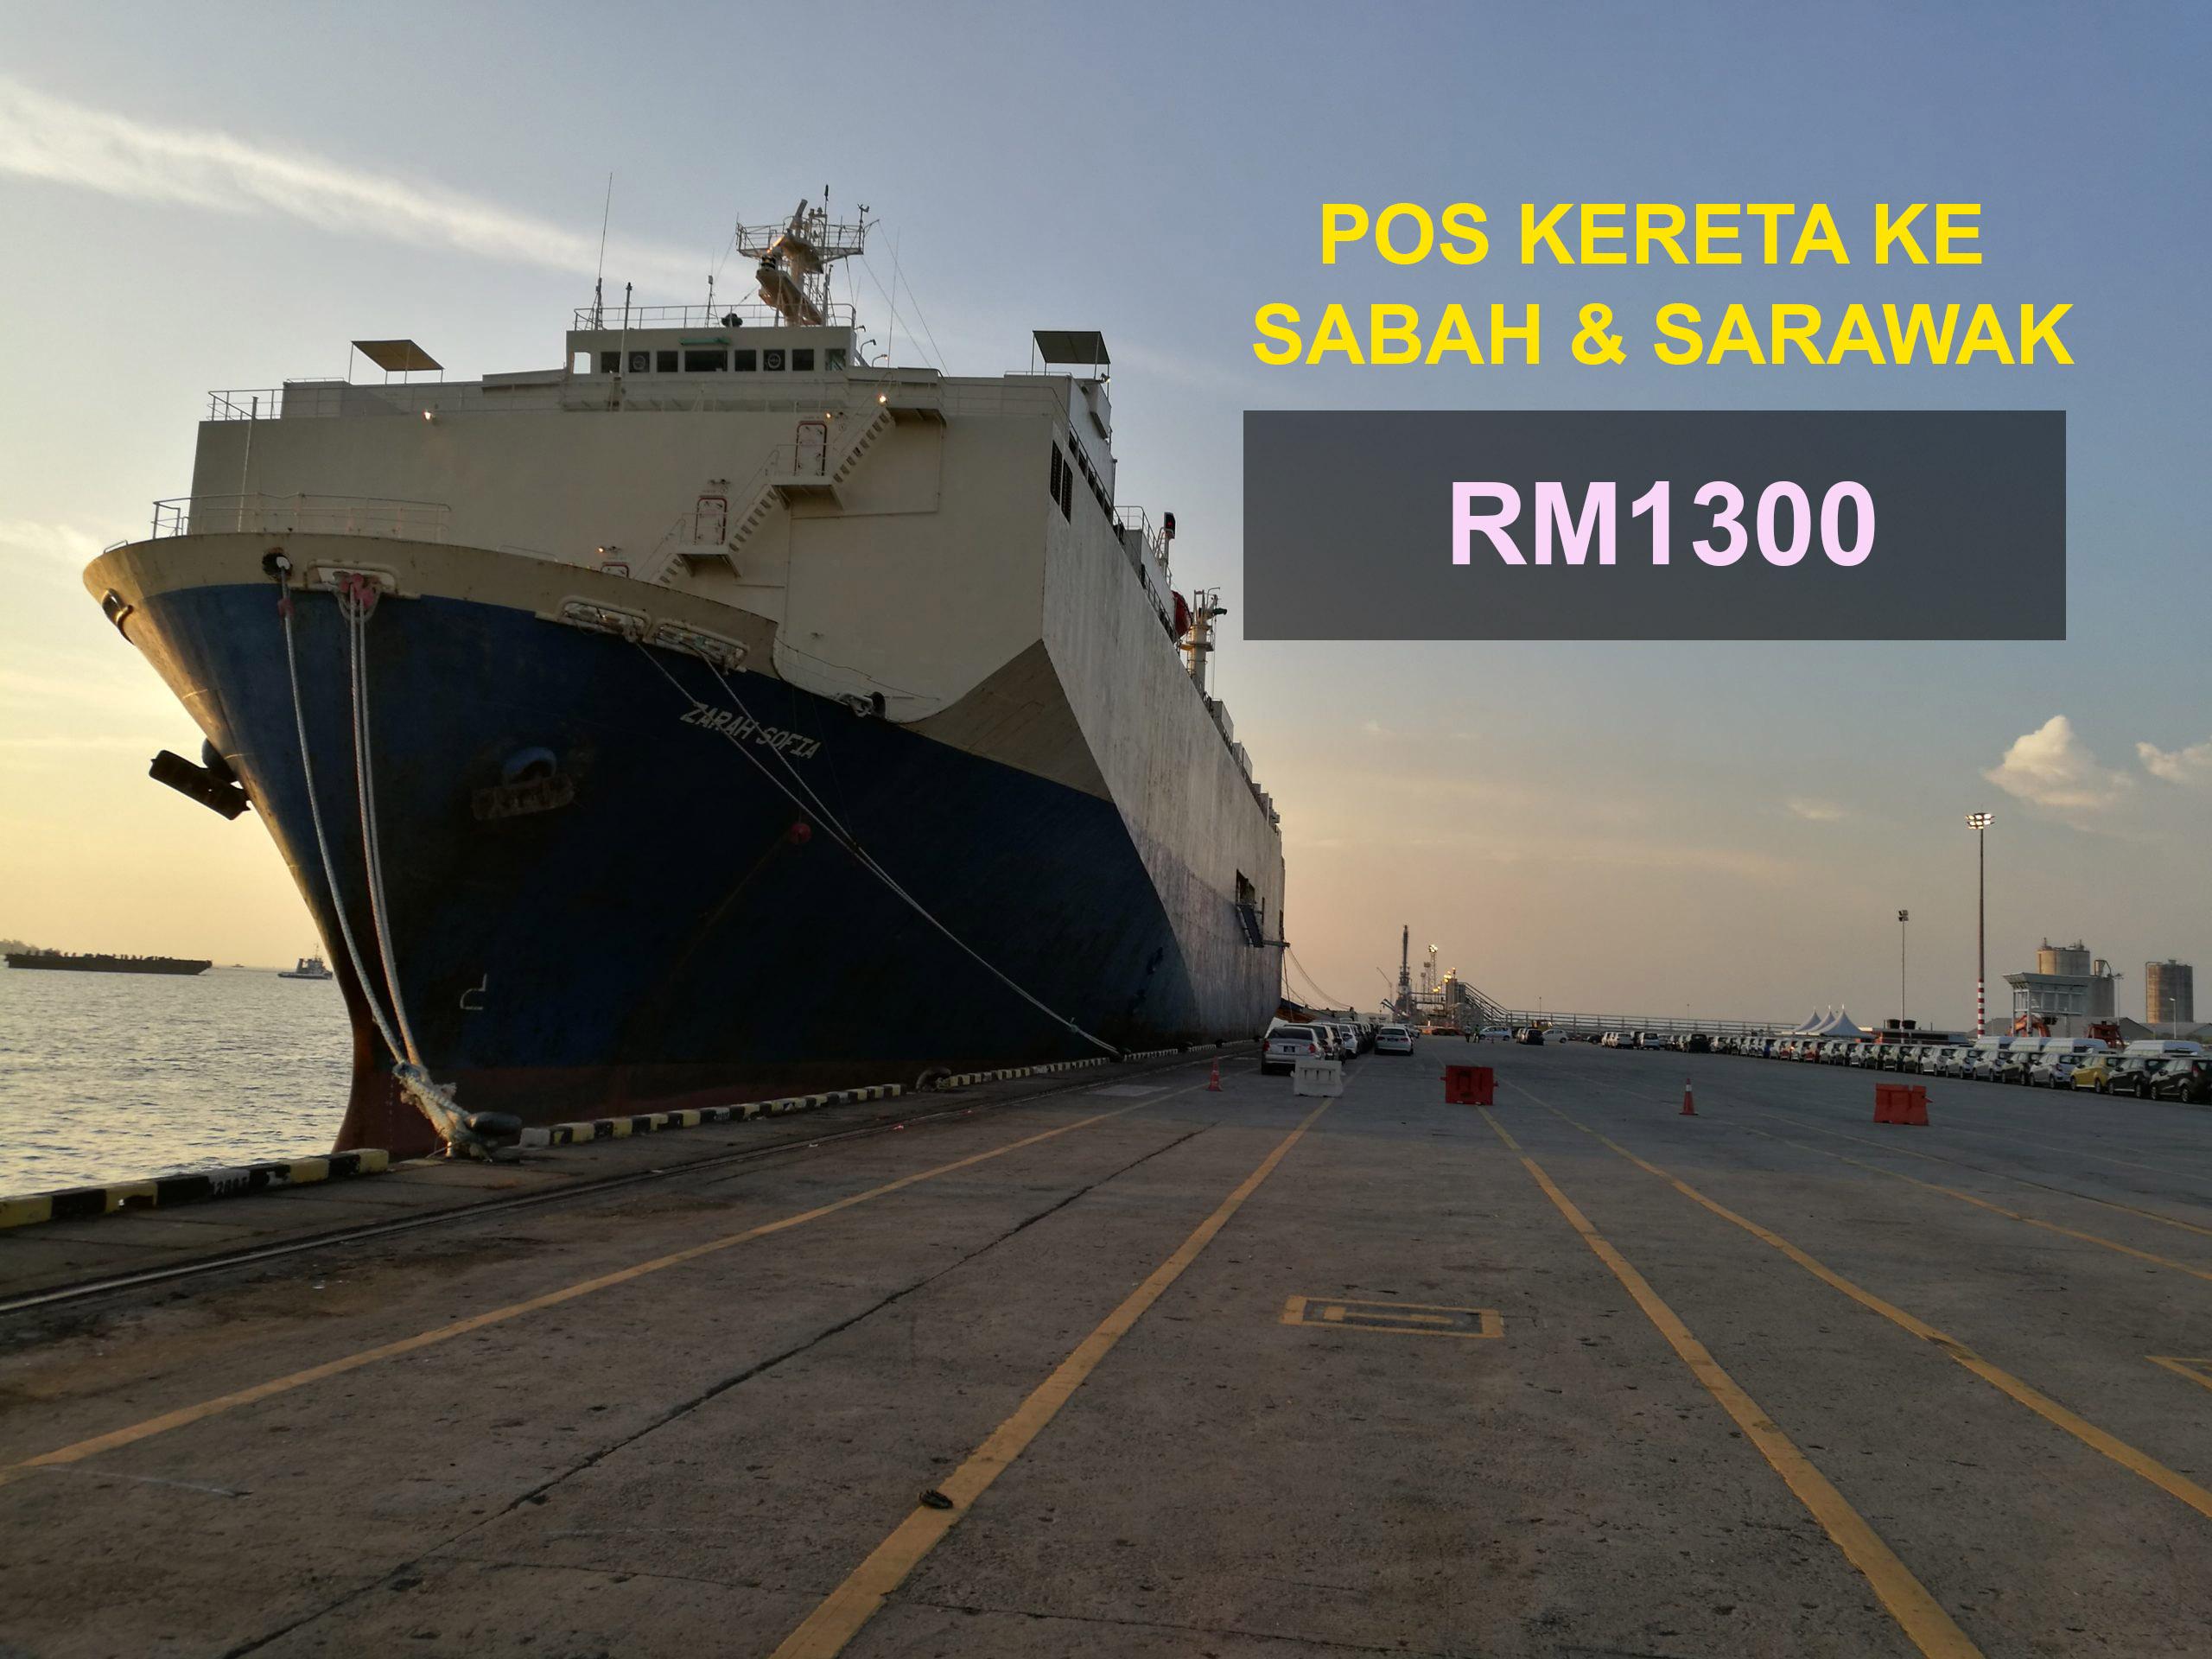 Harga Pos Kereta ke Sabah & Sarawak